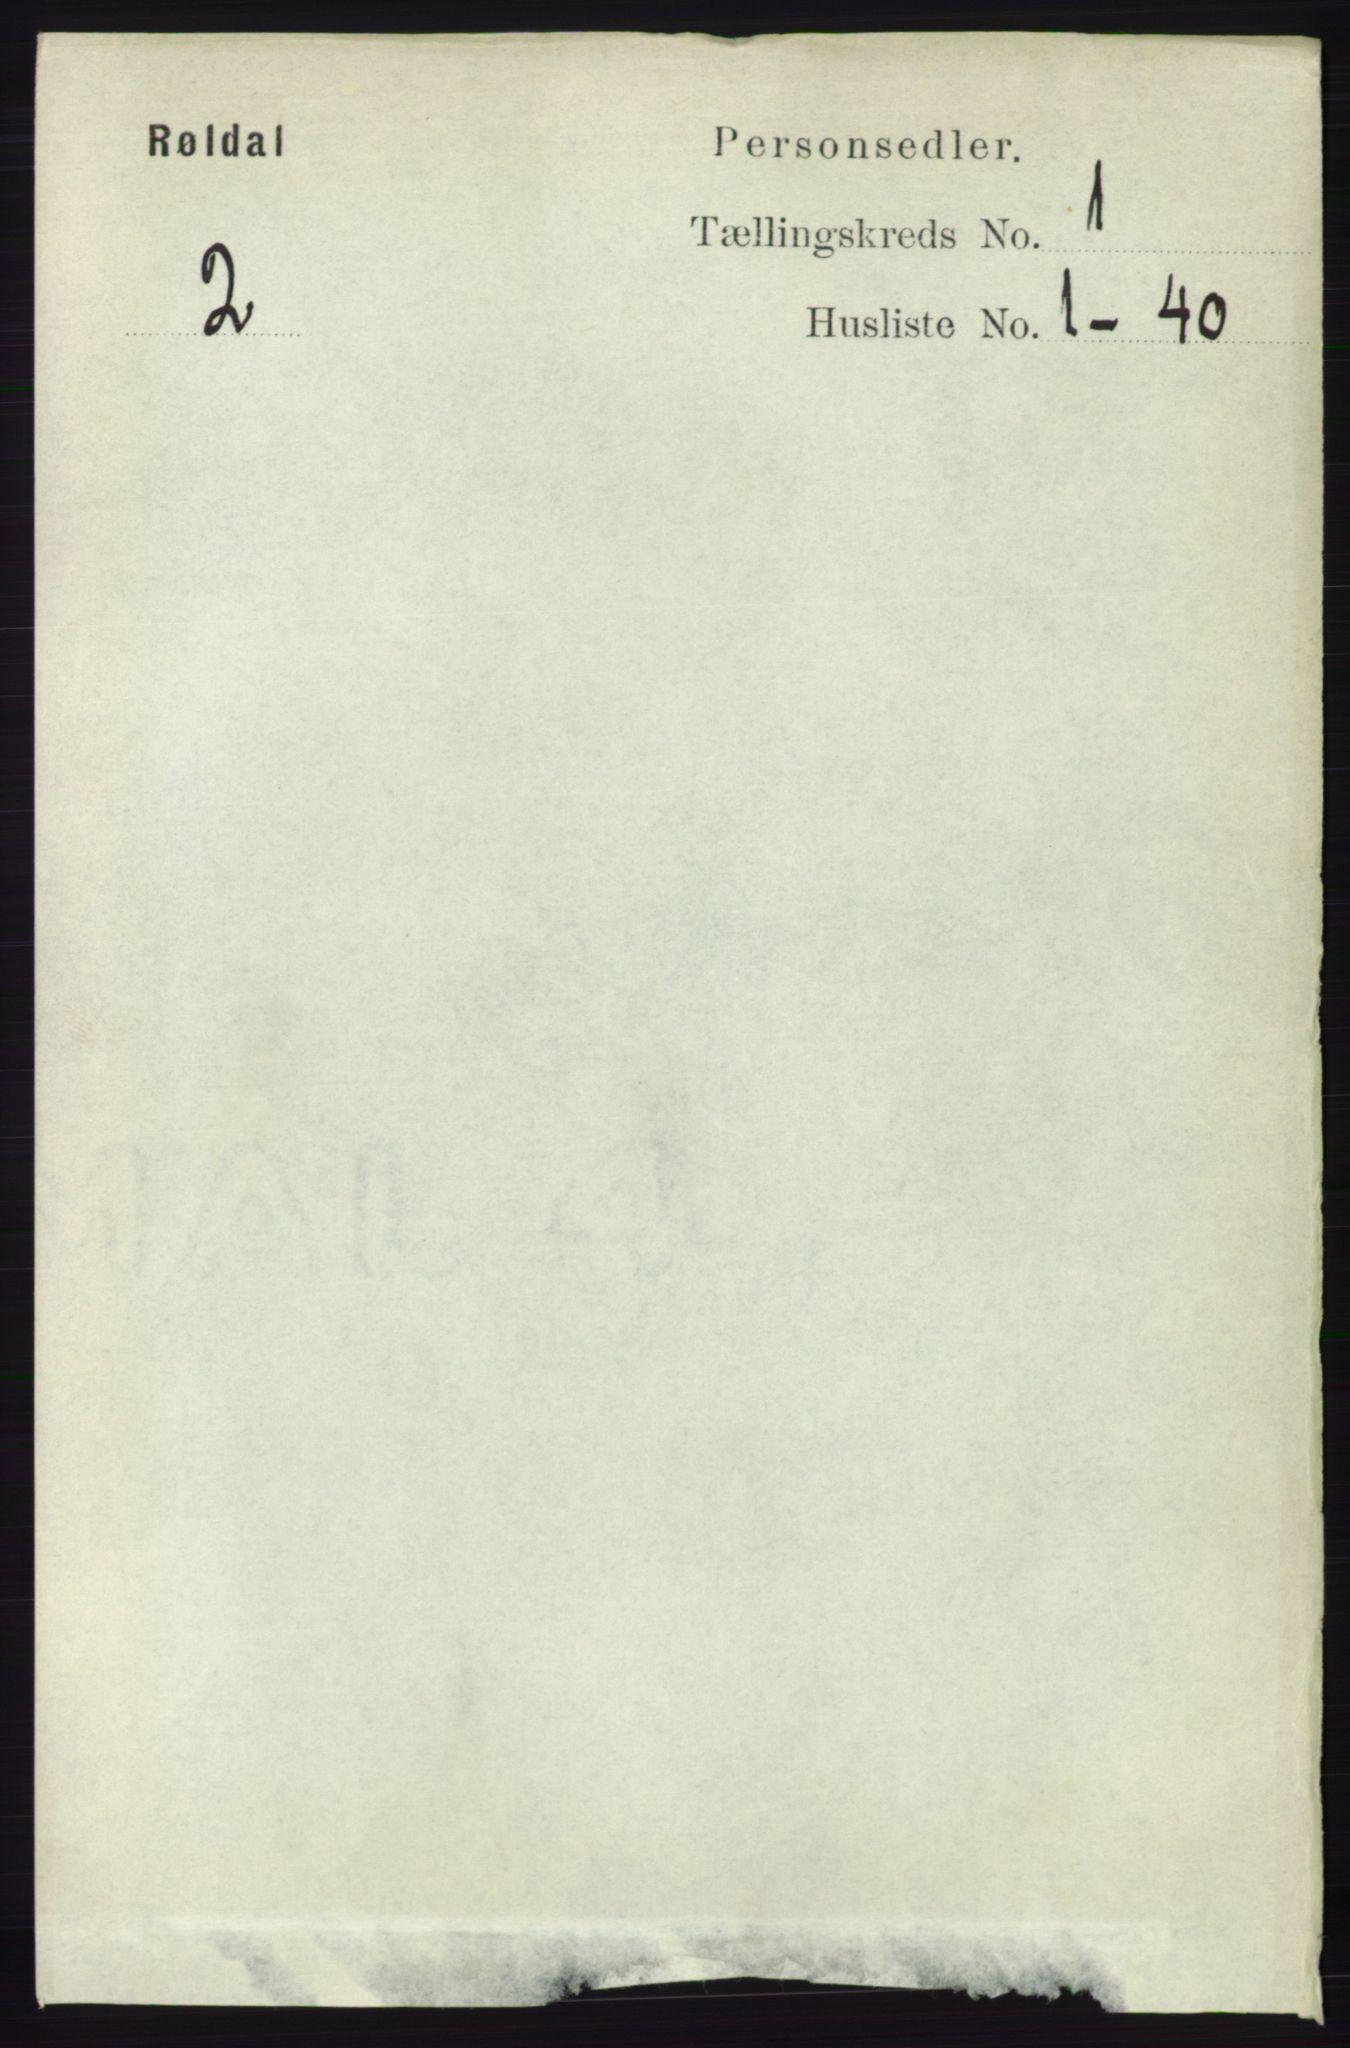 RA, Folketelling 1891 for 1229 Røldal herred, 1891, s. 90